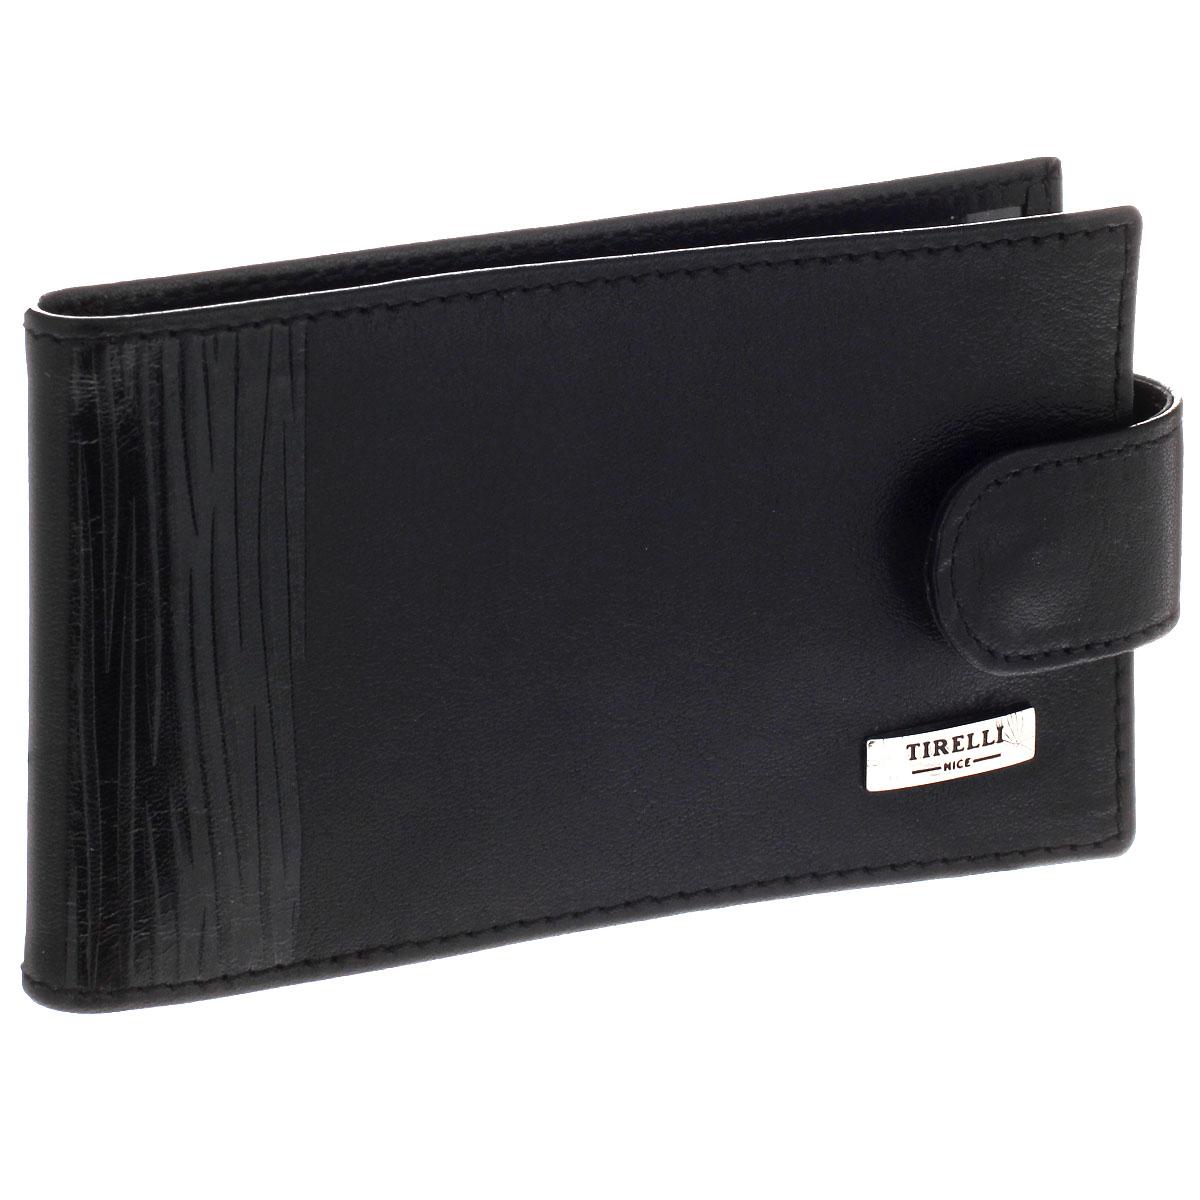 Футляр для карточек Tirelli Wood, цвет: черный. KRU-1/15-313-08KRU-1/15-313-08Ультрамодный футляр для карточек Tirelli Wood изготовлен из высококачественной кожи и декорирован оригинальным тиснением. На лицевой стороне изделие оформлено небольшой металлической пластиной с гравировкой Tirelli. Футляр закрывается хлястиком на кнопку. Внутри содержится съемный блок из мягкого пластика на 12 визиток и два прозрачных боковых кармана. Изделие упаковано в фирменную коробку. Такой футляр не только поможет держать в одном месте все кредитные карты, но и стильно дополнит ваш яркий образ.